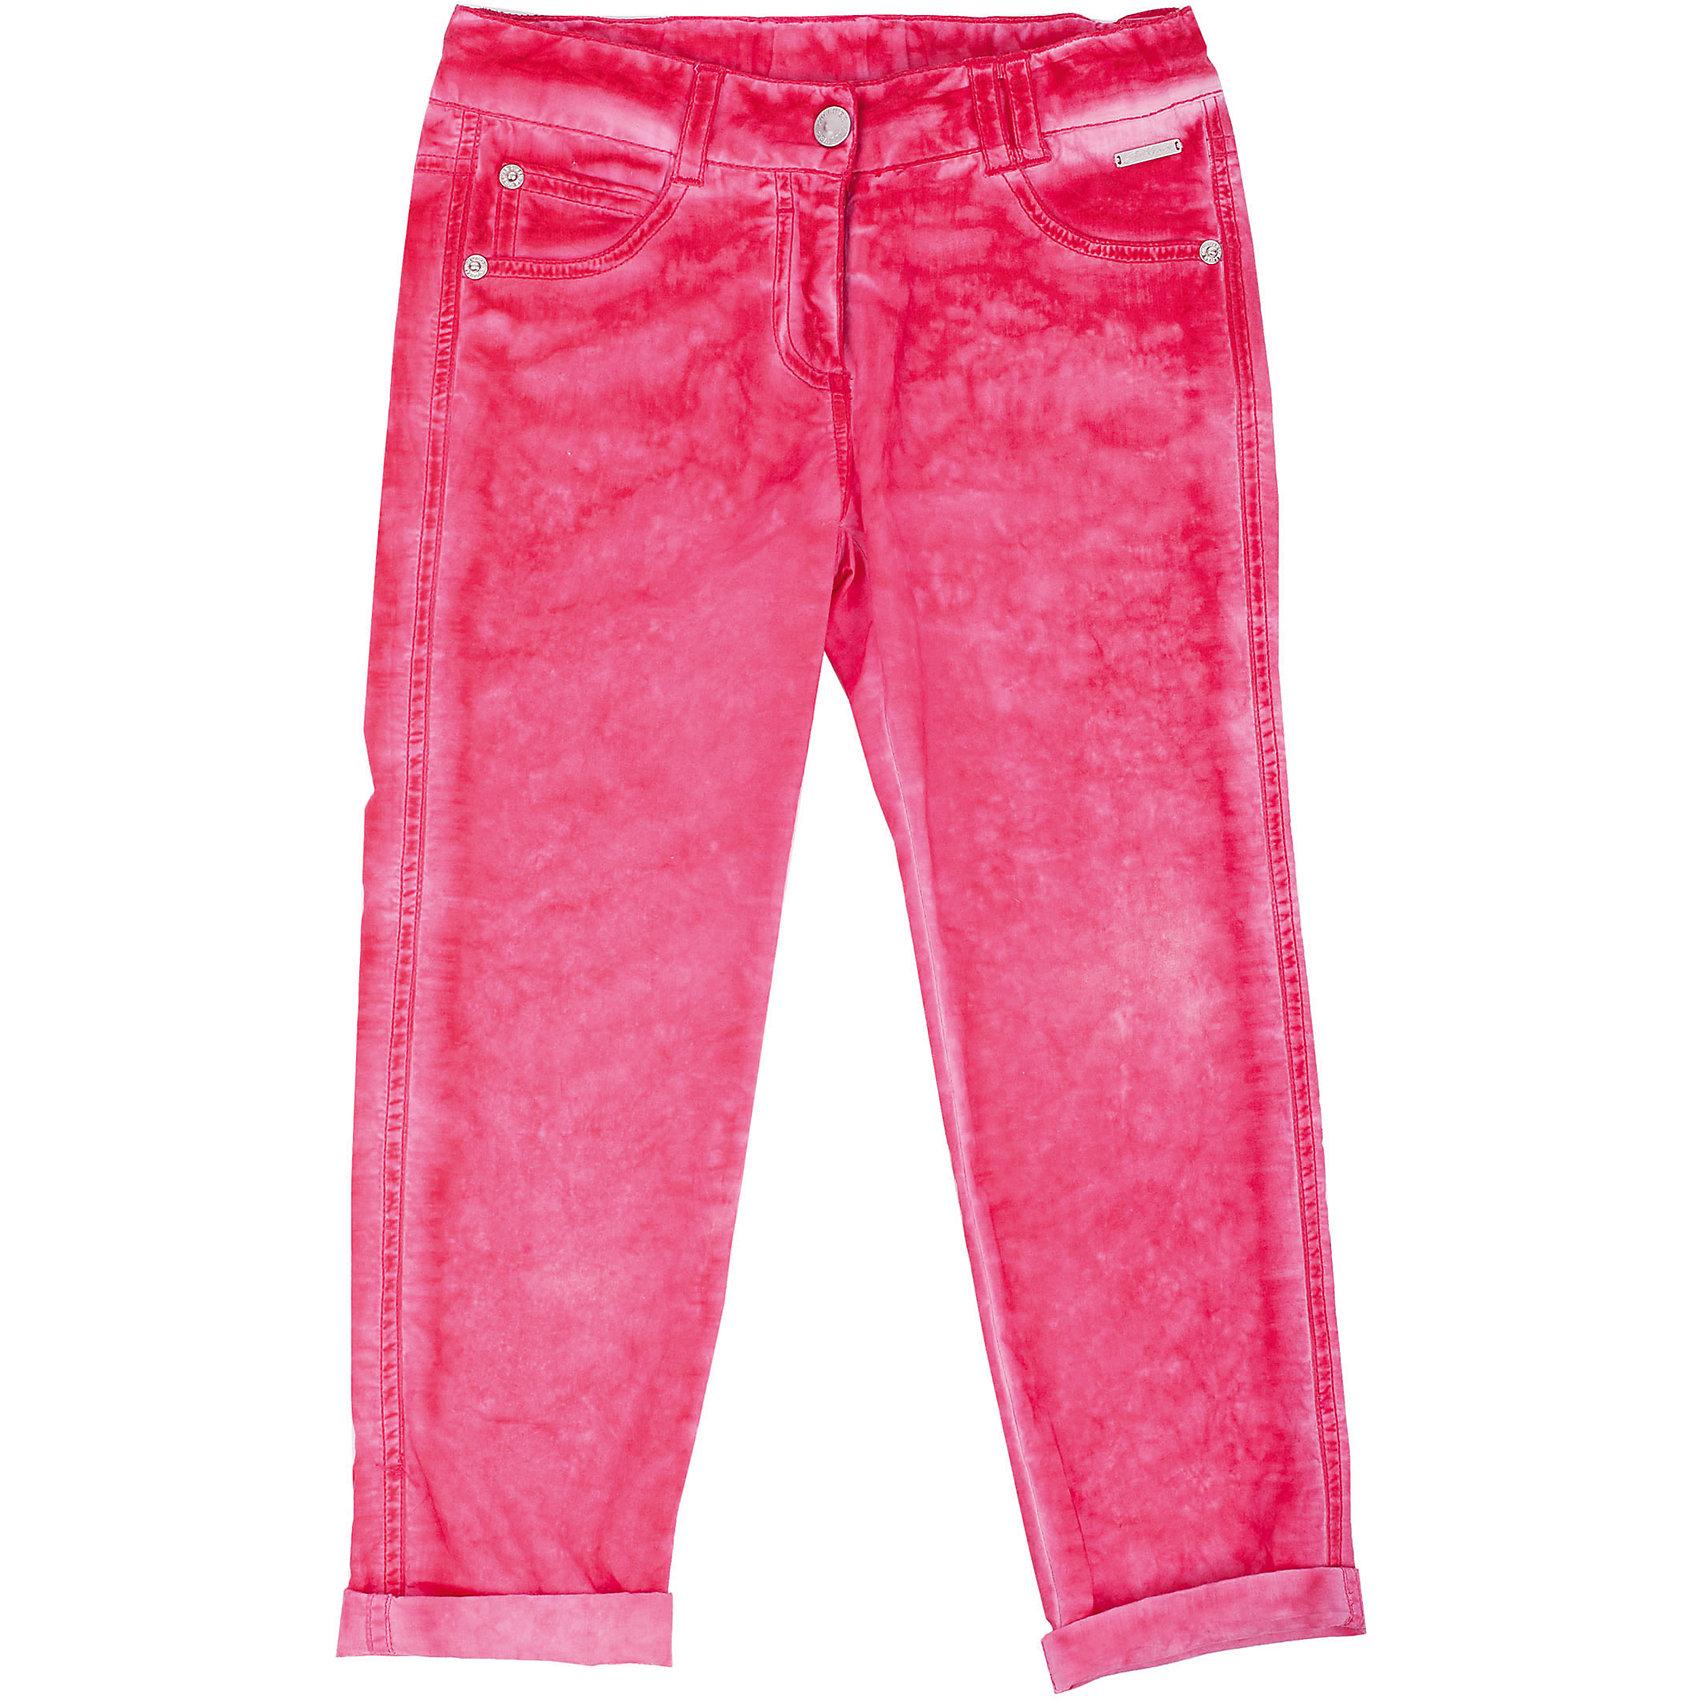 Брюки для девочки GulliverБрюки<br>Модные брюки – незаменимая часть гардероба девочки. Тонкие и легкие, выполненные из 100% хлопка, они сделают каждый день солнечным и комфортным! Если вы решили купить брюки, обратите внимание именно на эту модель! Актуальное неравномерное крашение, мягкость и удобство в носке позволят наслаждаться каждым летним днем. Брюки яркого насыщенного цвета, являясь отличным компаньоном для красивой многослойной комбинации с орнаментальными моделями коллекции, настроят на позитив и создадут отличное настроение.<br>Состав:<br>100% хлопок<br><br>Ширина мм: 215<br>Глубина мм: 88<br>Высота мм: 191<br>Вес г: 336<br>Цвет: розовый<br>Возраст от месяцев: 48<br>Возраст до месяцев: 60<br>Пол: Женский<br>Возраст: Детский<br>Размер: 110,122,116,98,104<br>SKU: 4534545